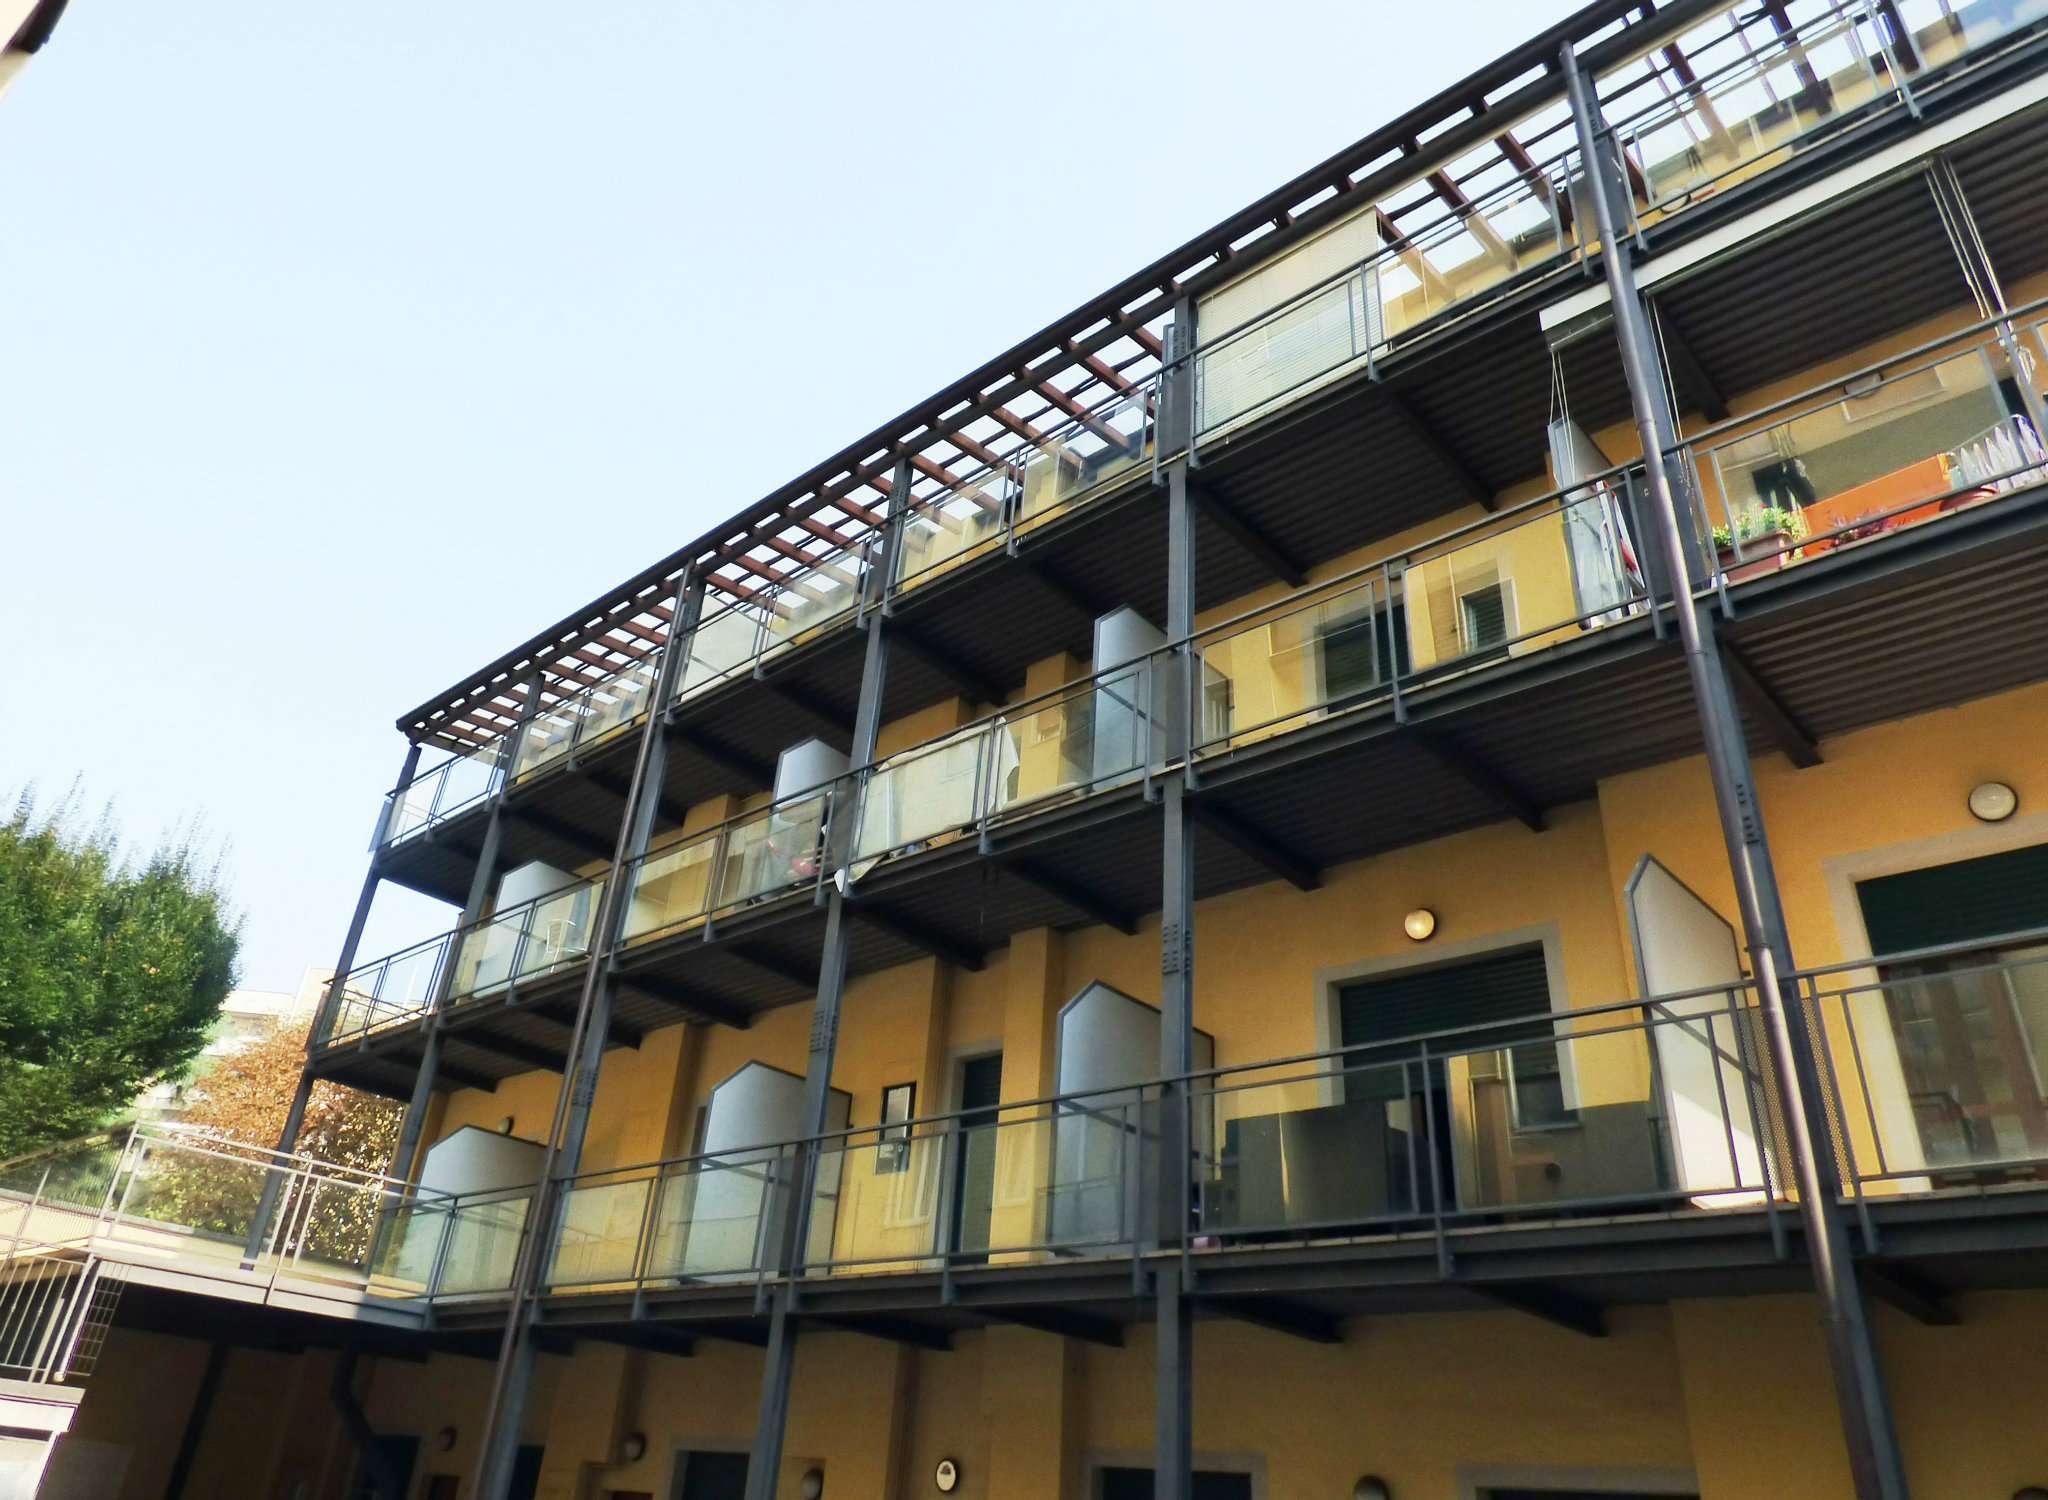 Appartamento in Vendita a Milano 29 Certosa / Bovisa / Dergano / Maciachini / Istria / Testi: 2 locali, 78 mq